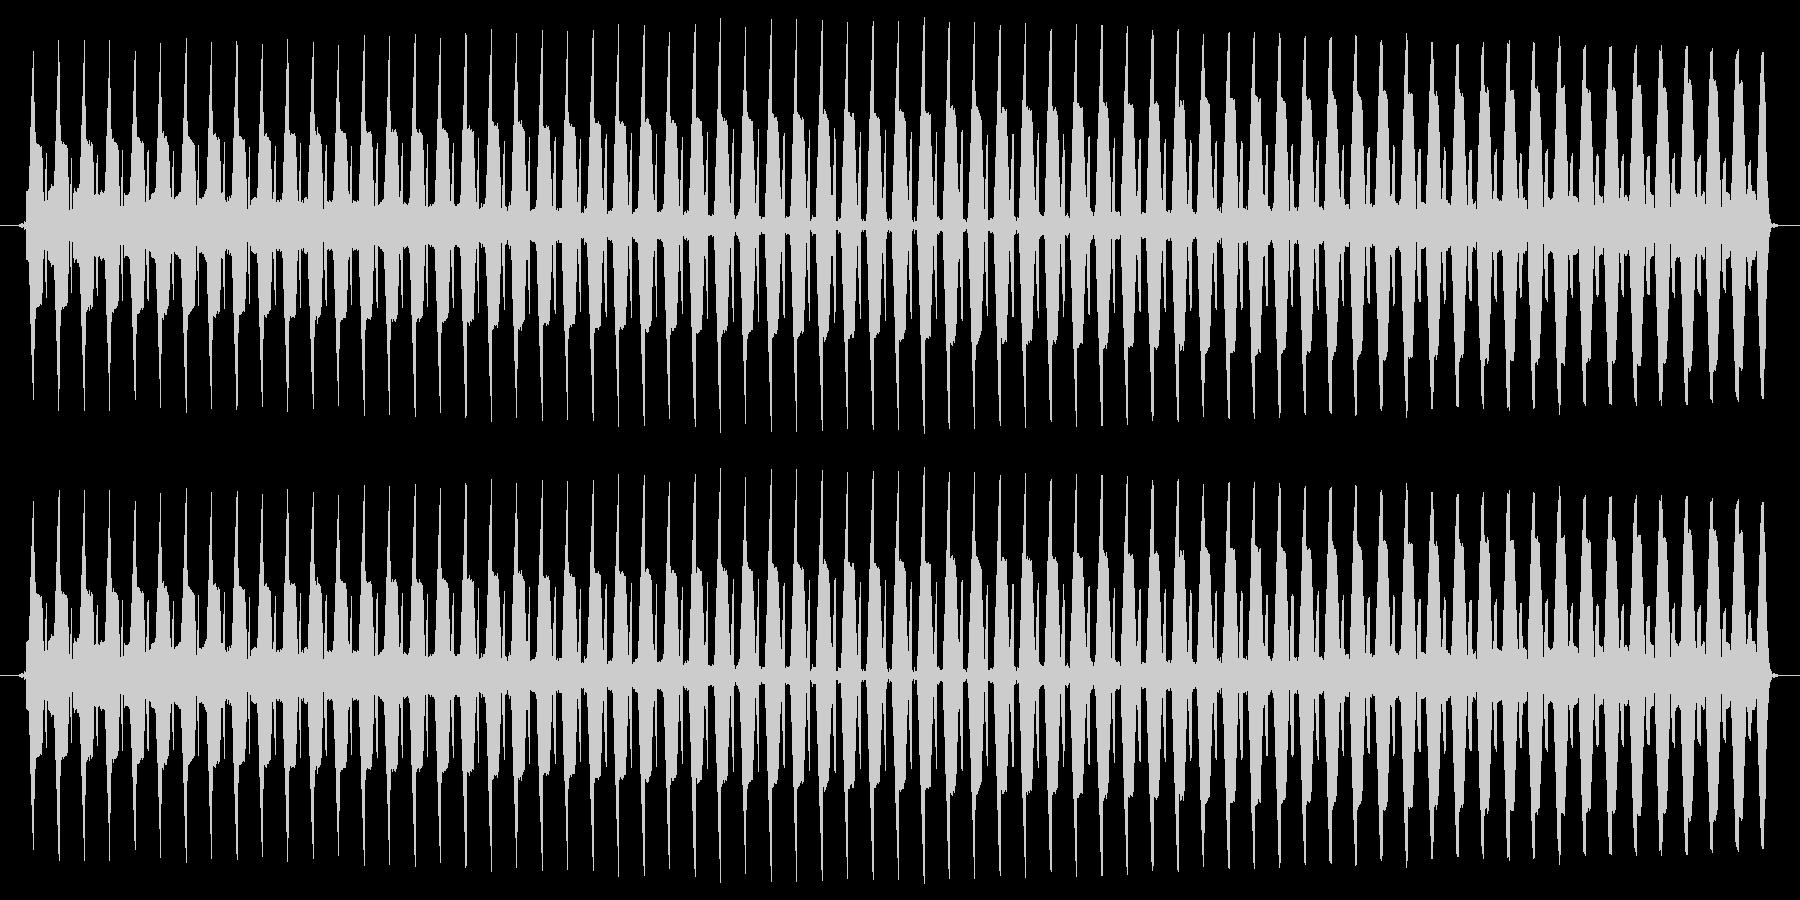 ヴー。クイズ不正解・ブザー音の未再生の波形